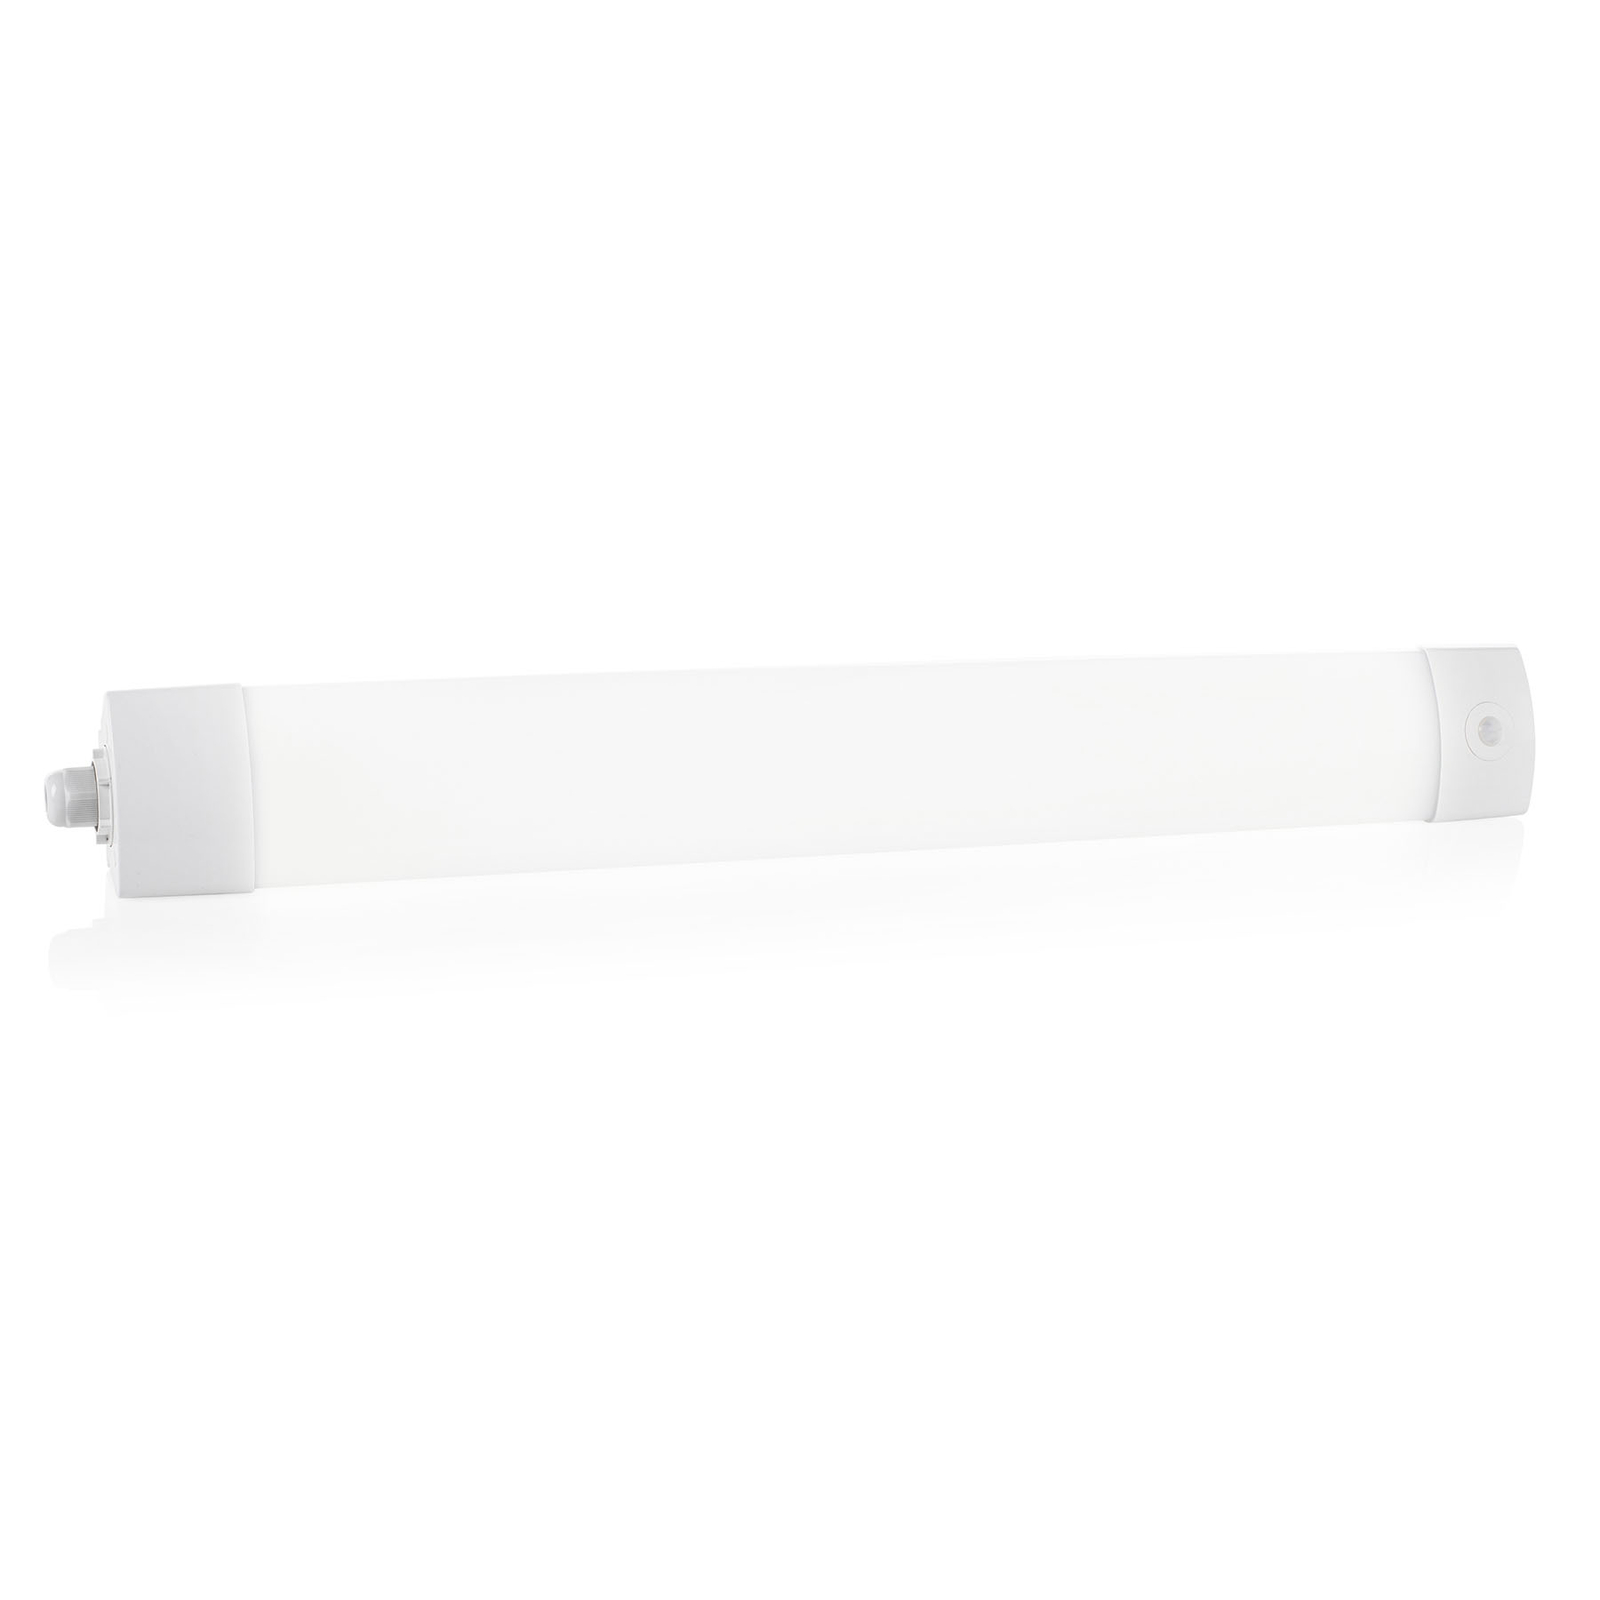 LED-Deckenleuchte IFL-70000 mit Bewegungssensor